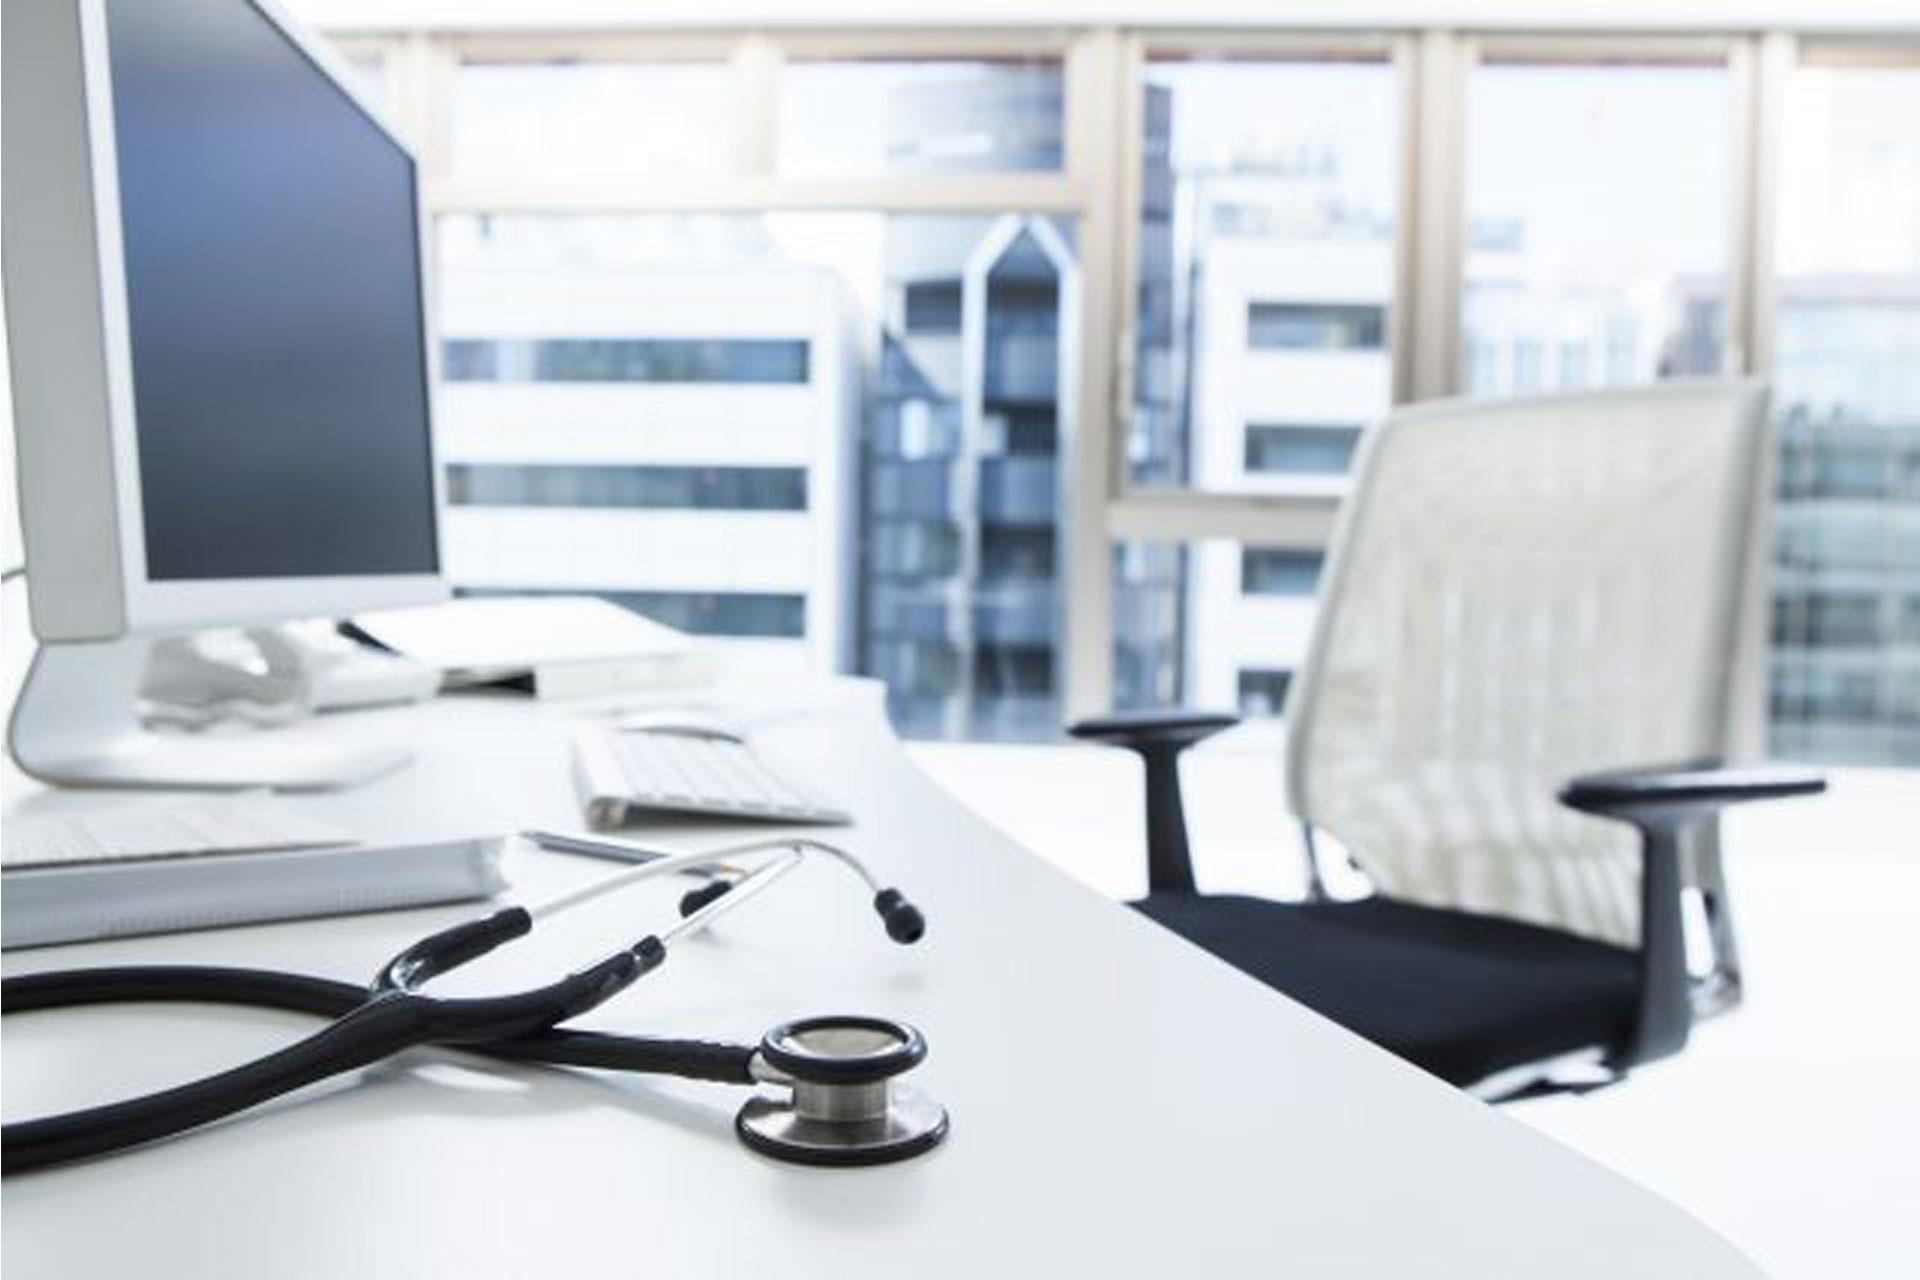 recomandari-privind-curatarea-mobilierului-medical